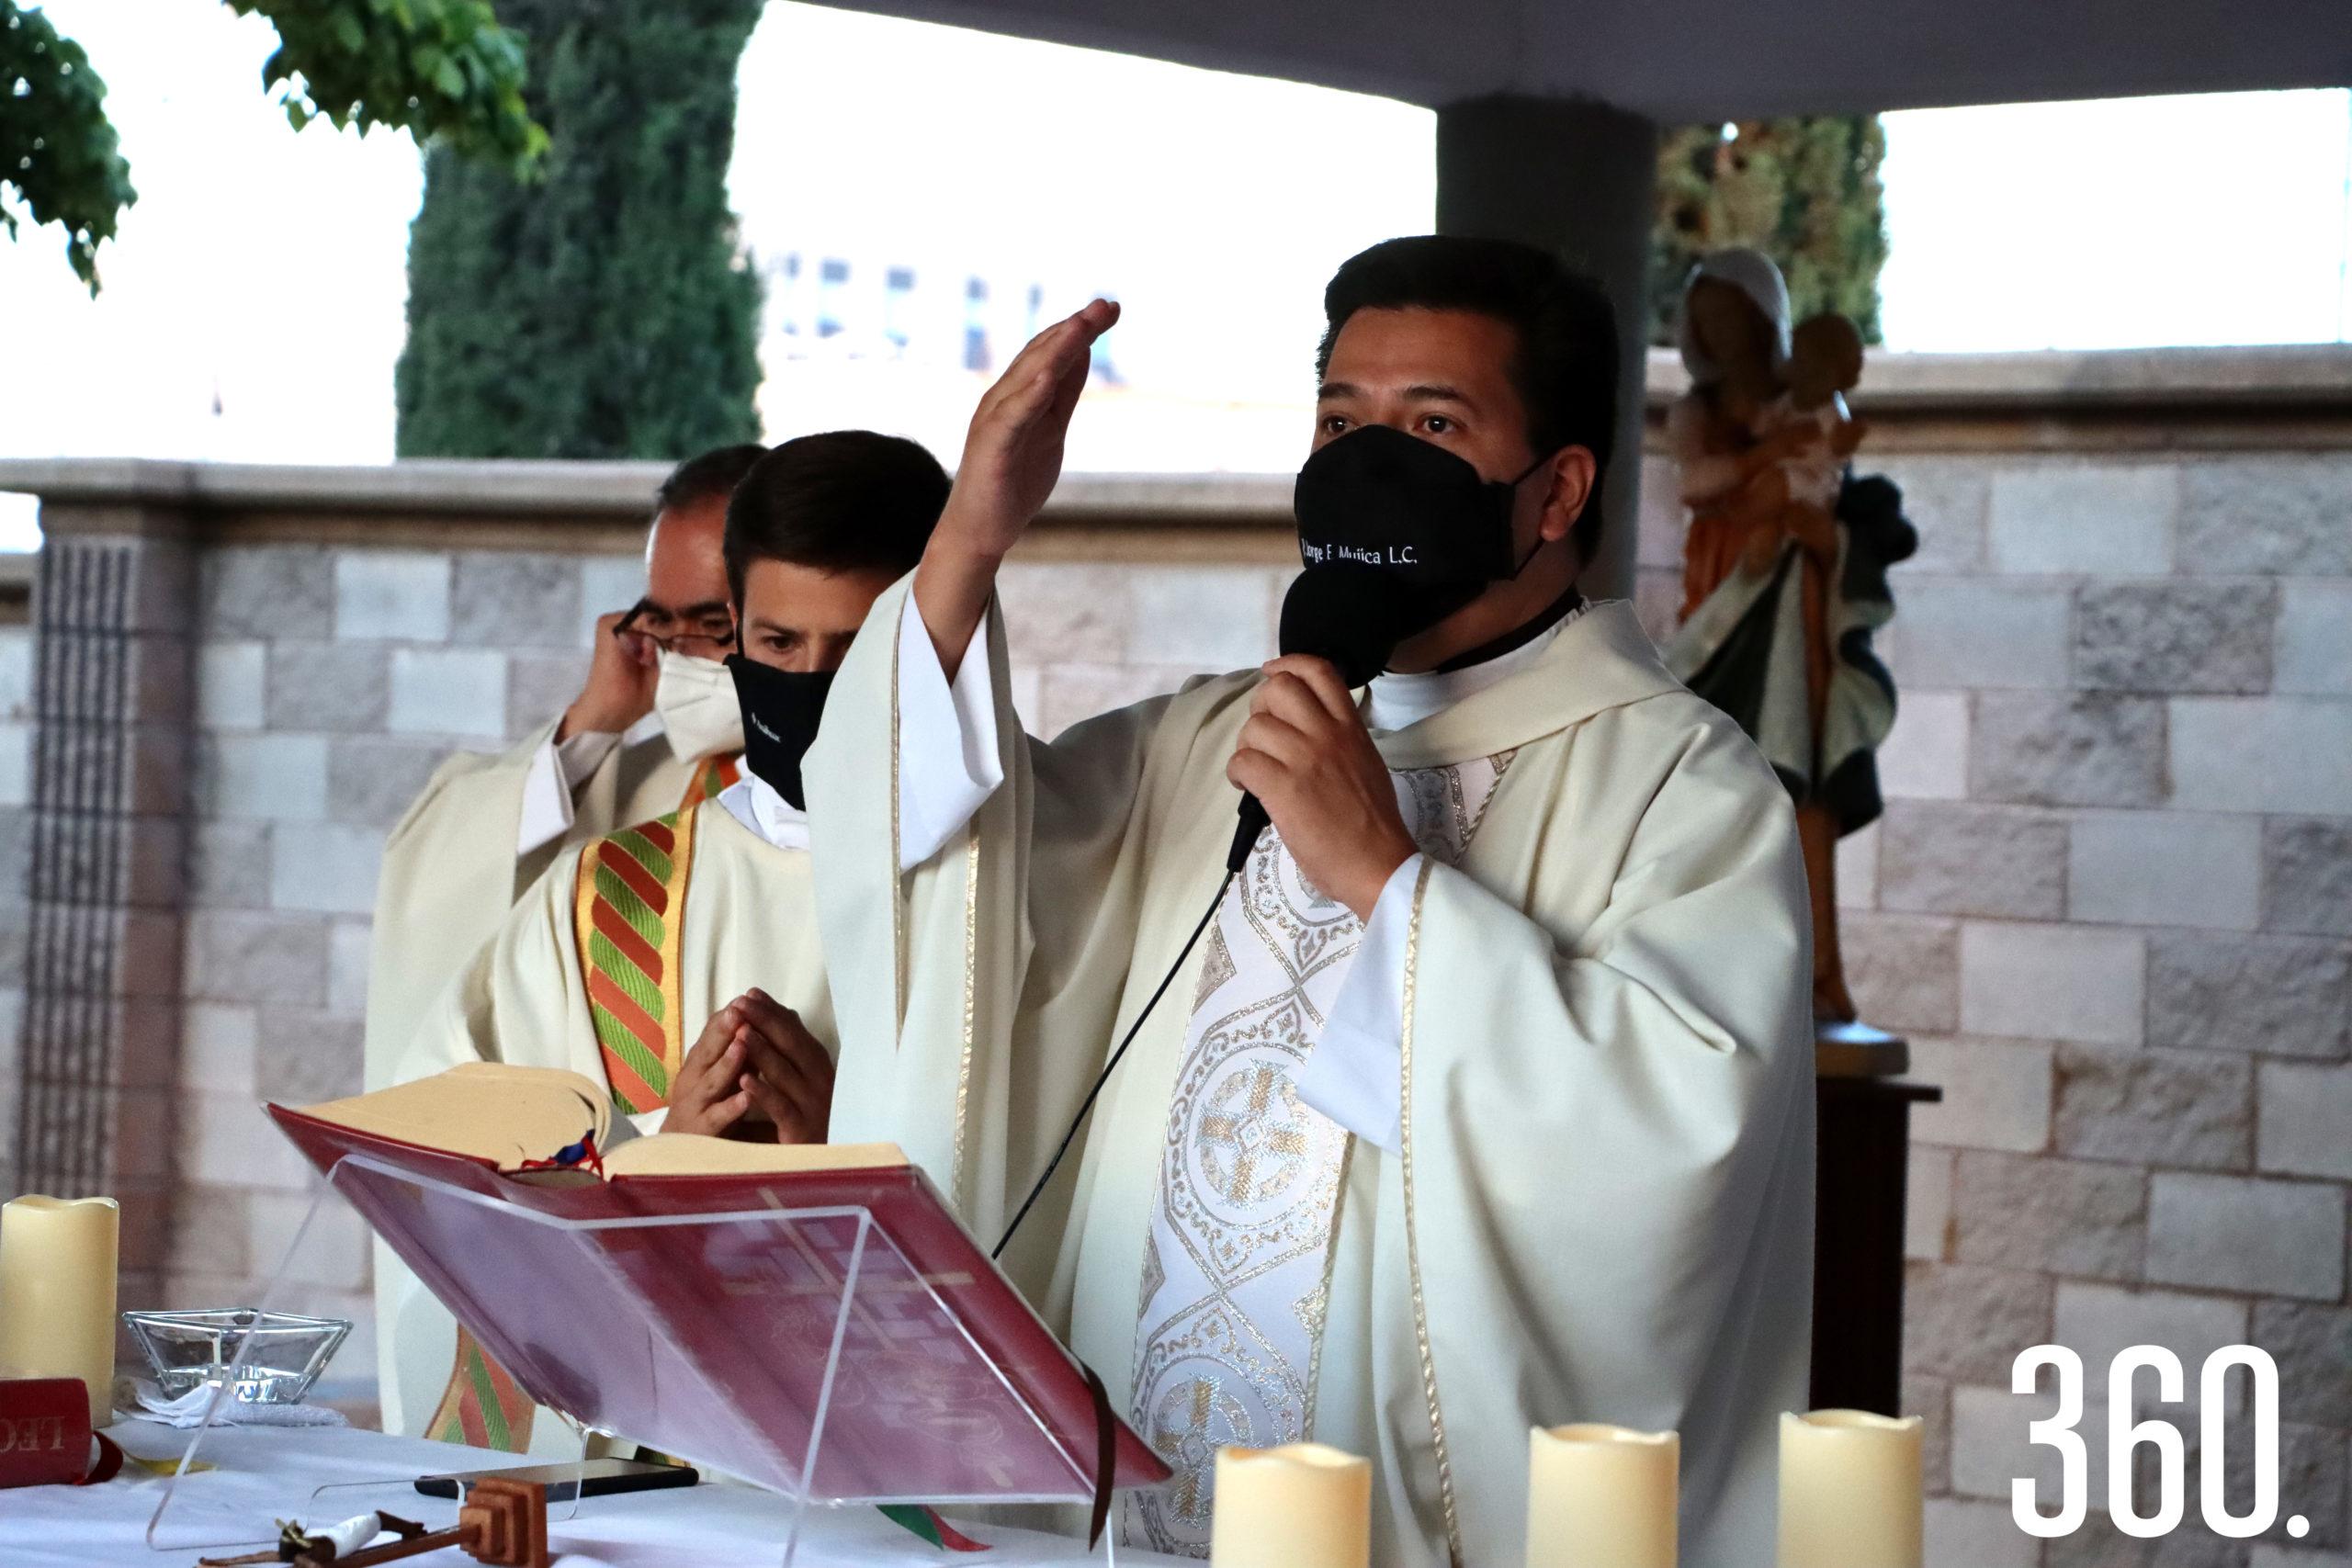 El padre Jorge Enrique Mujica L.C., ofició su misa de despedida acompañado por las integrantes de la sección de señoras del Grupo Regnum Christi.